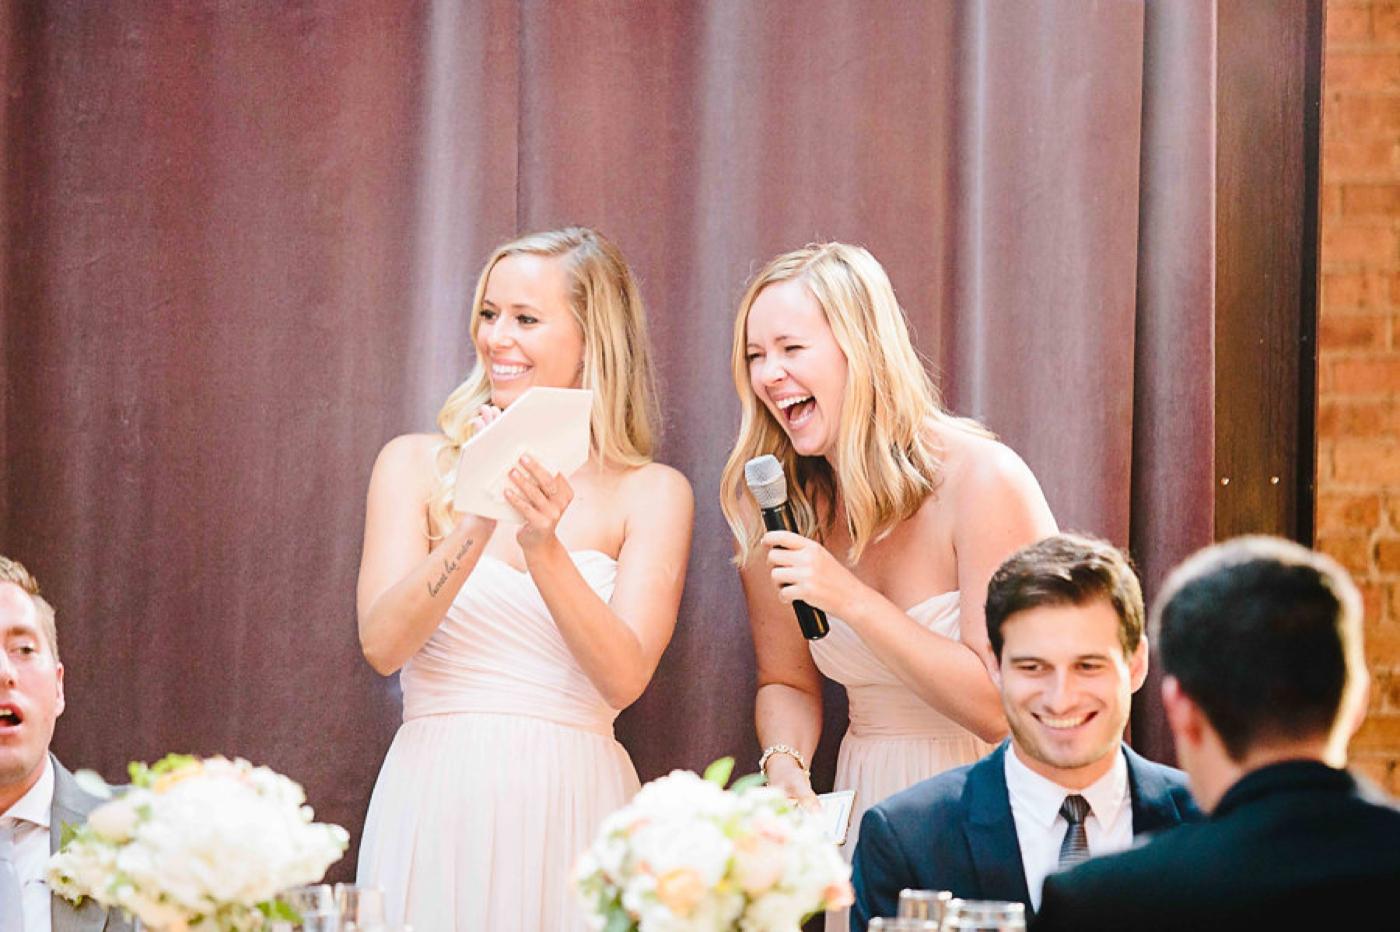 chicago-fine-art-wedding-photography-hrebic29